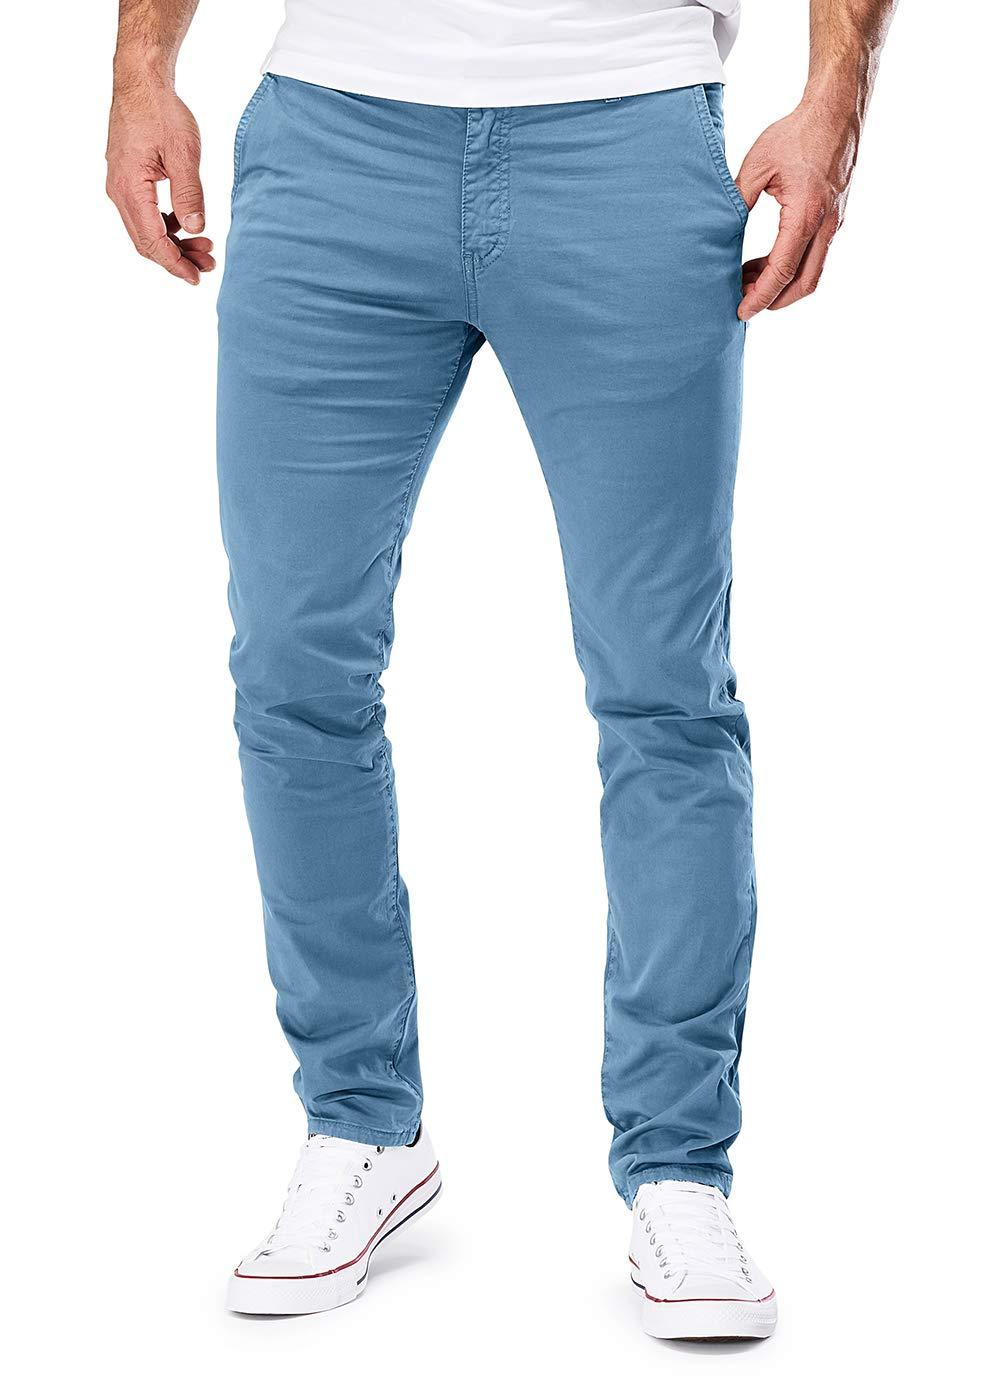 090089e2d0a Merish Pantalone Hommes Chino Slim Fit Pantalon Coton Casual et Moderne  adapté pour Toutes Les Occasions